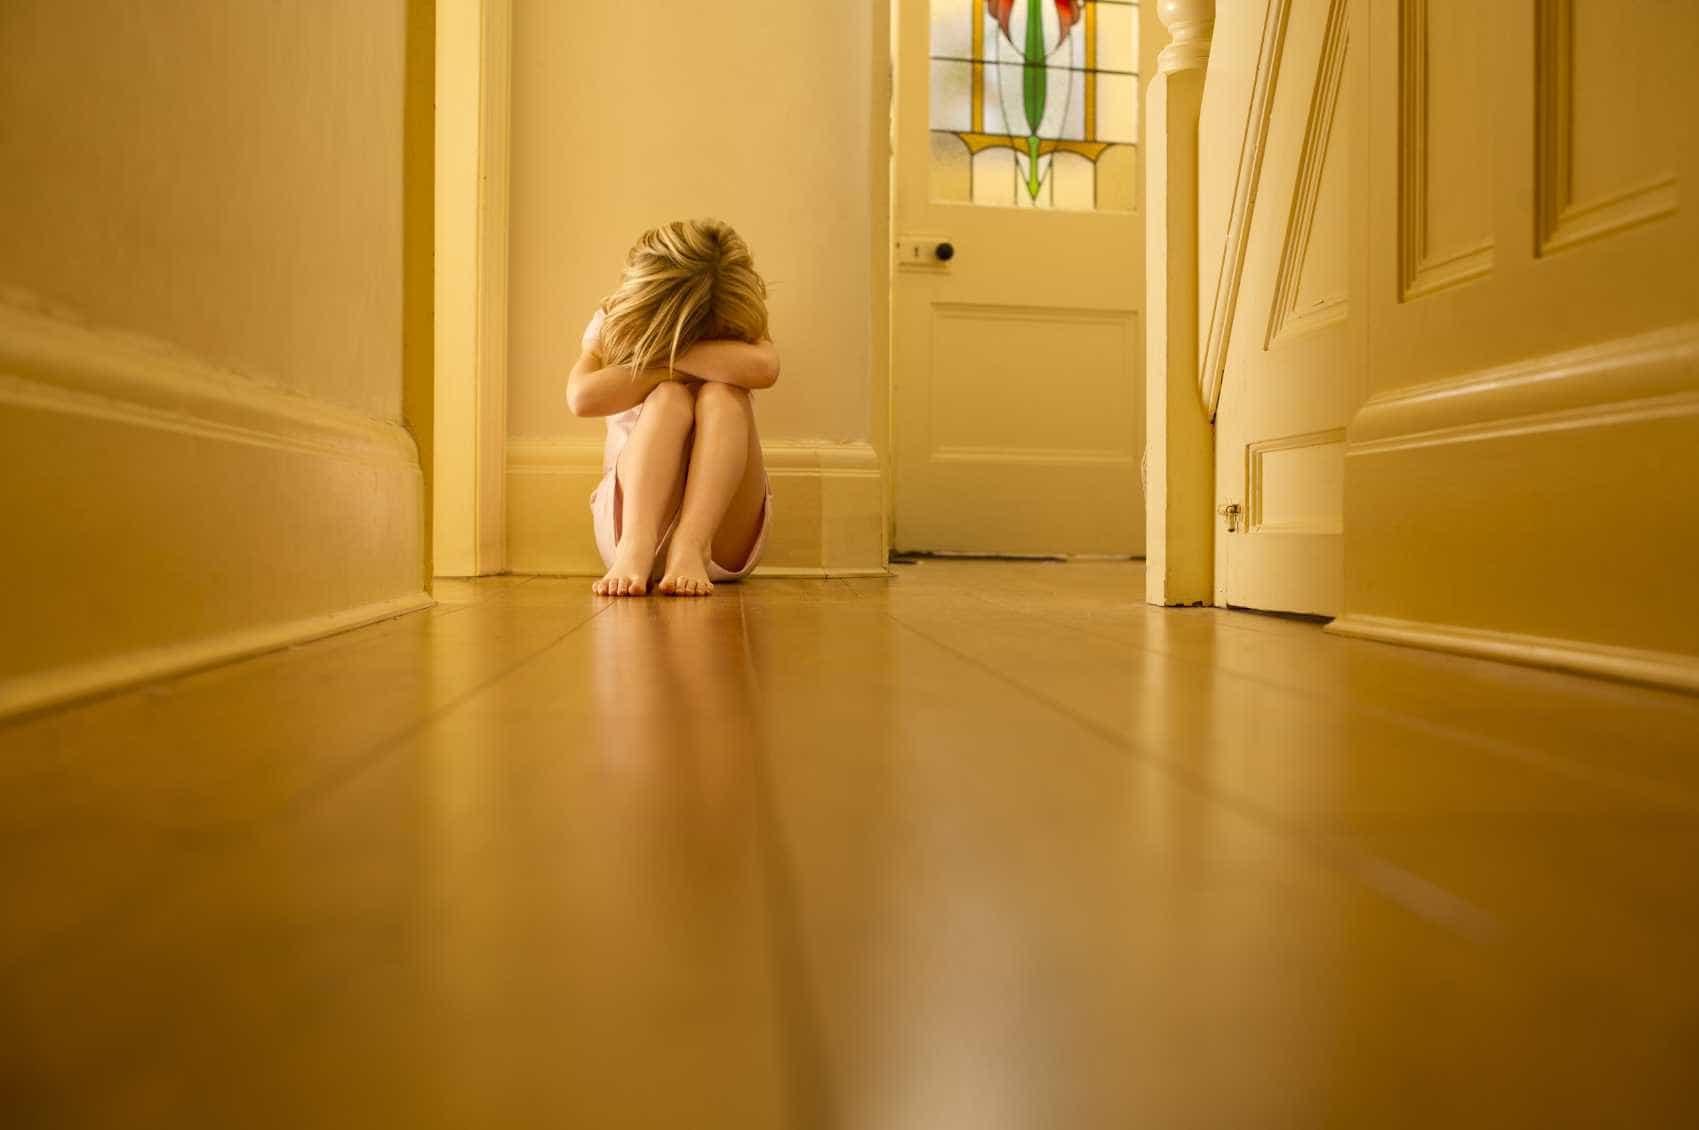 Quatro centenas de casos de maus-tratos a crianças sinalizadas em Braga